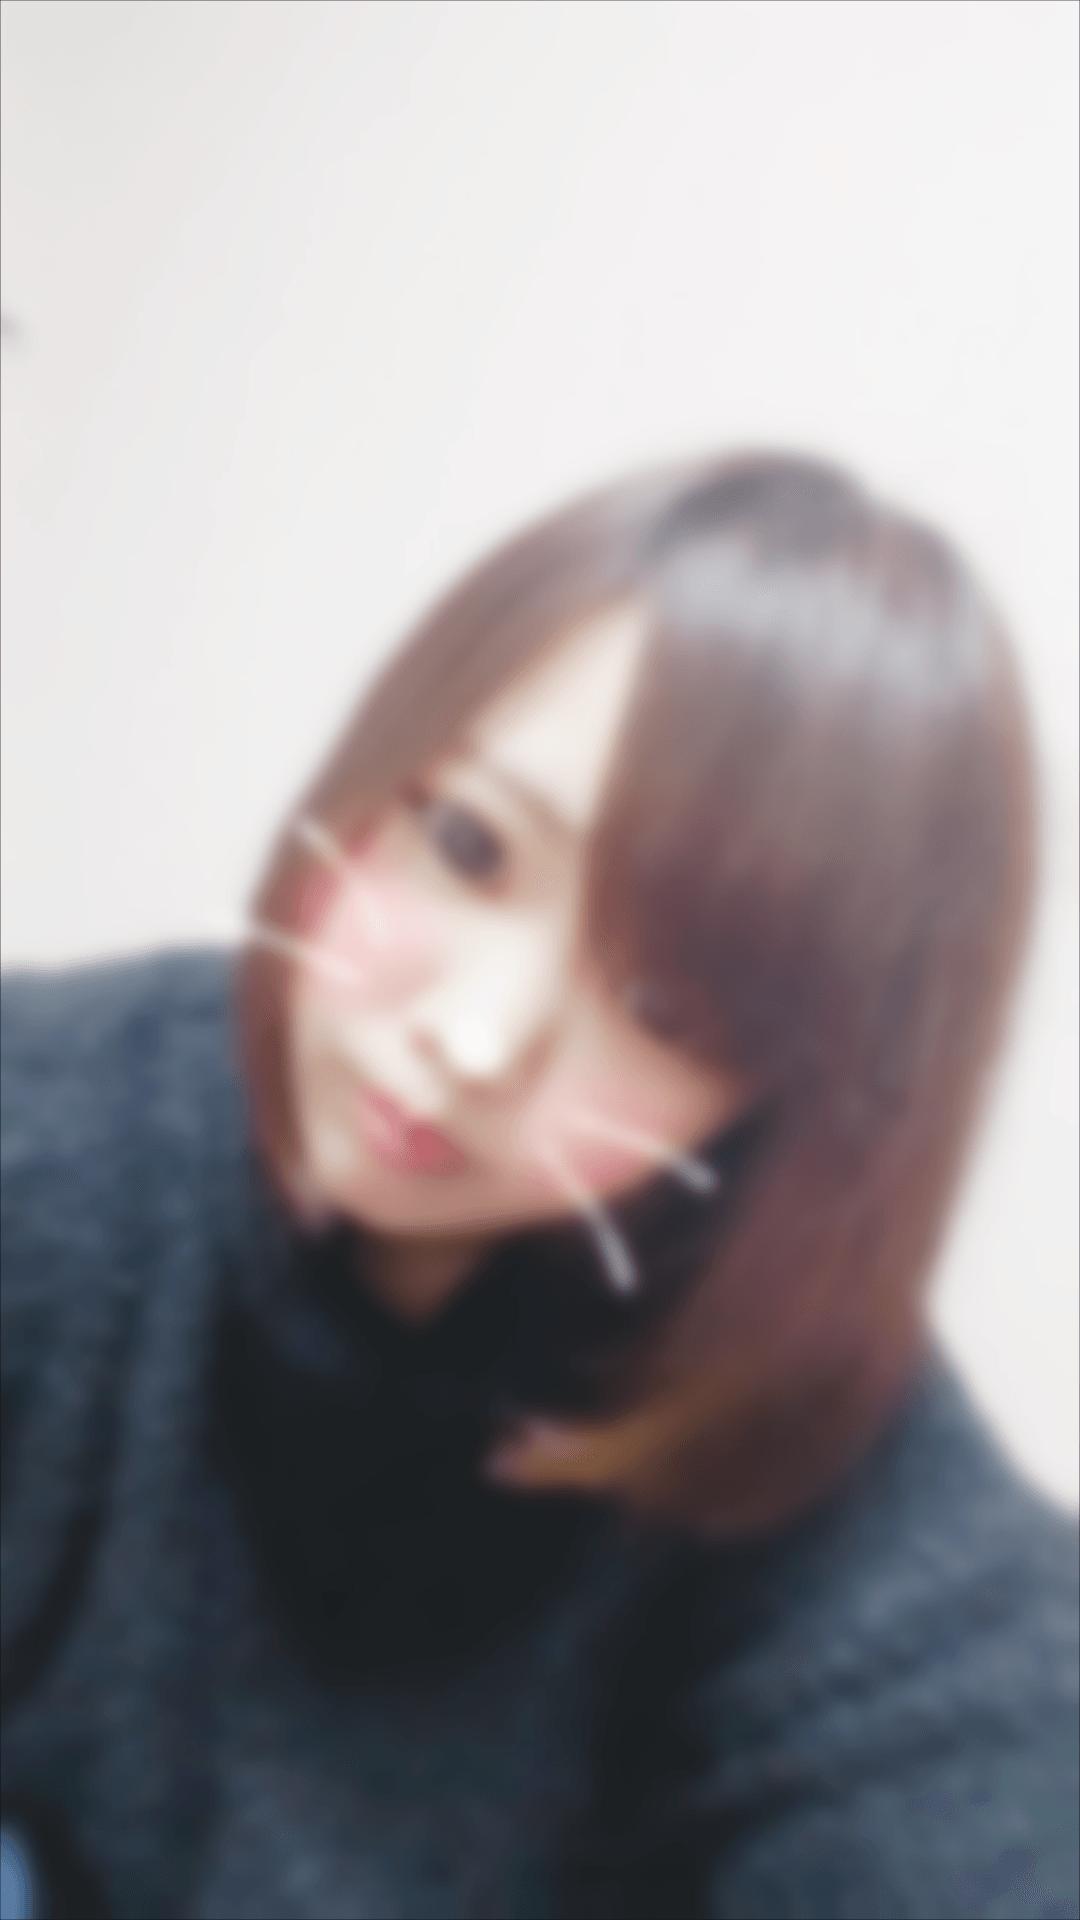 「エミリ」02/16(金) 03:59 | エミリの写メ・風俗動画